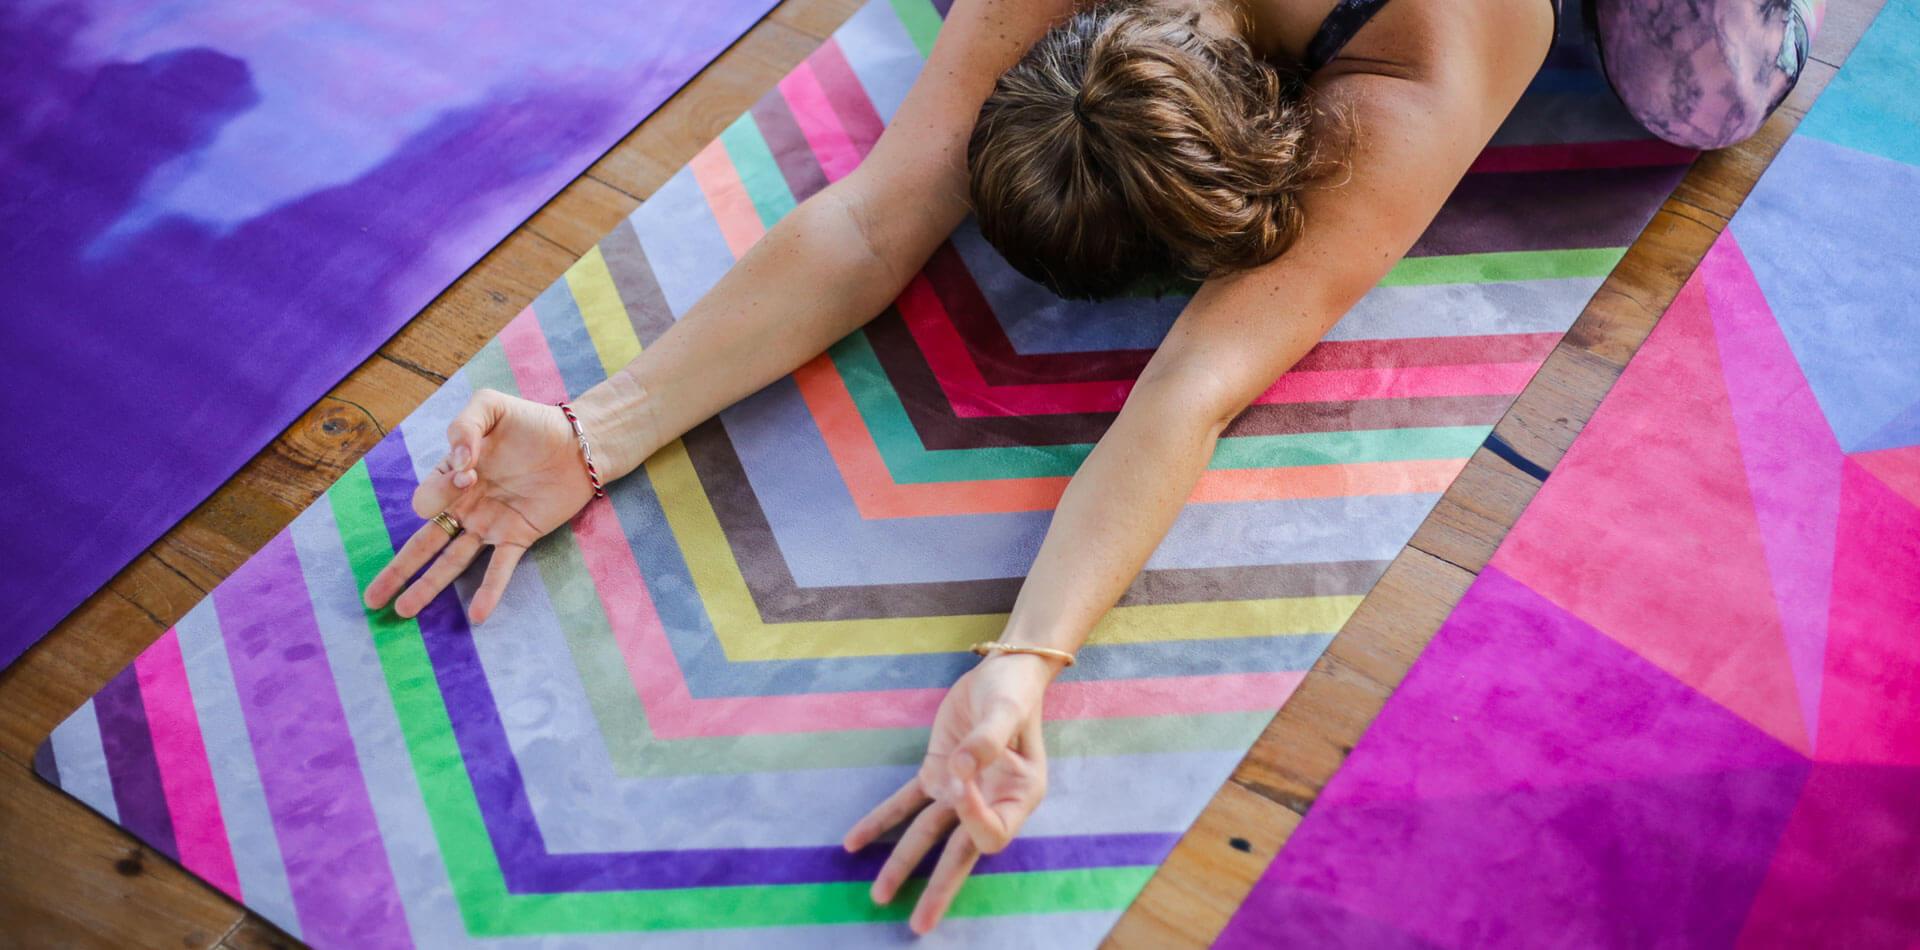 How Should You Choose A Yoga Mat? 7